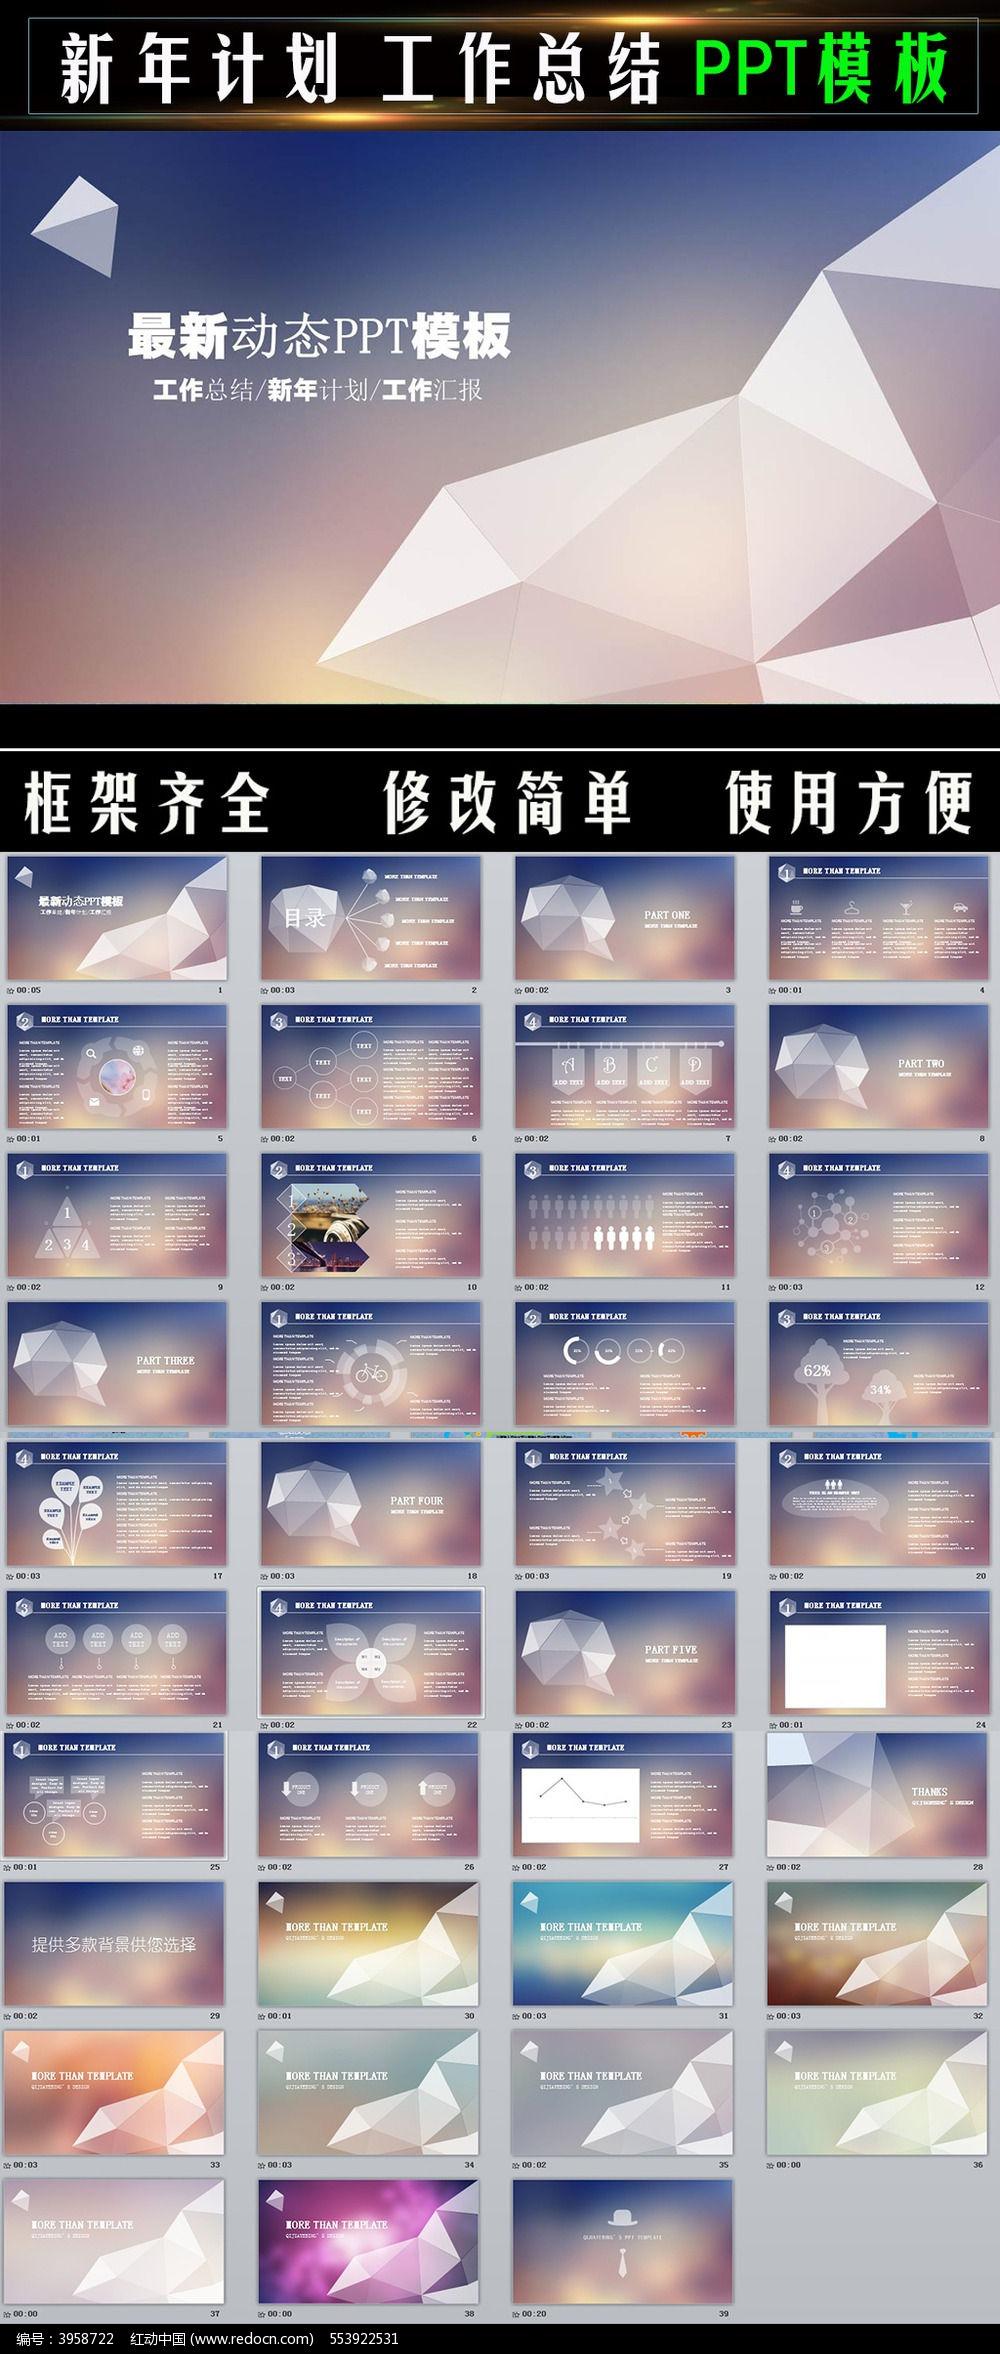 标签: ios7风格PPT模板极致简约商务风图片下载 IOS7风格PPT 工作